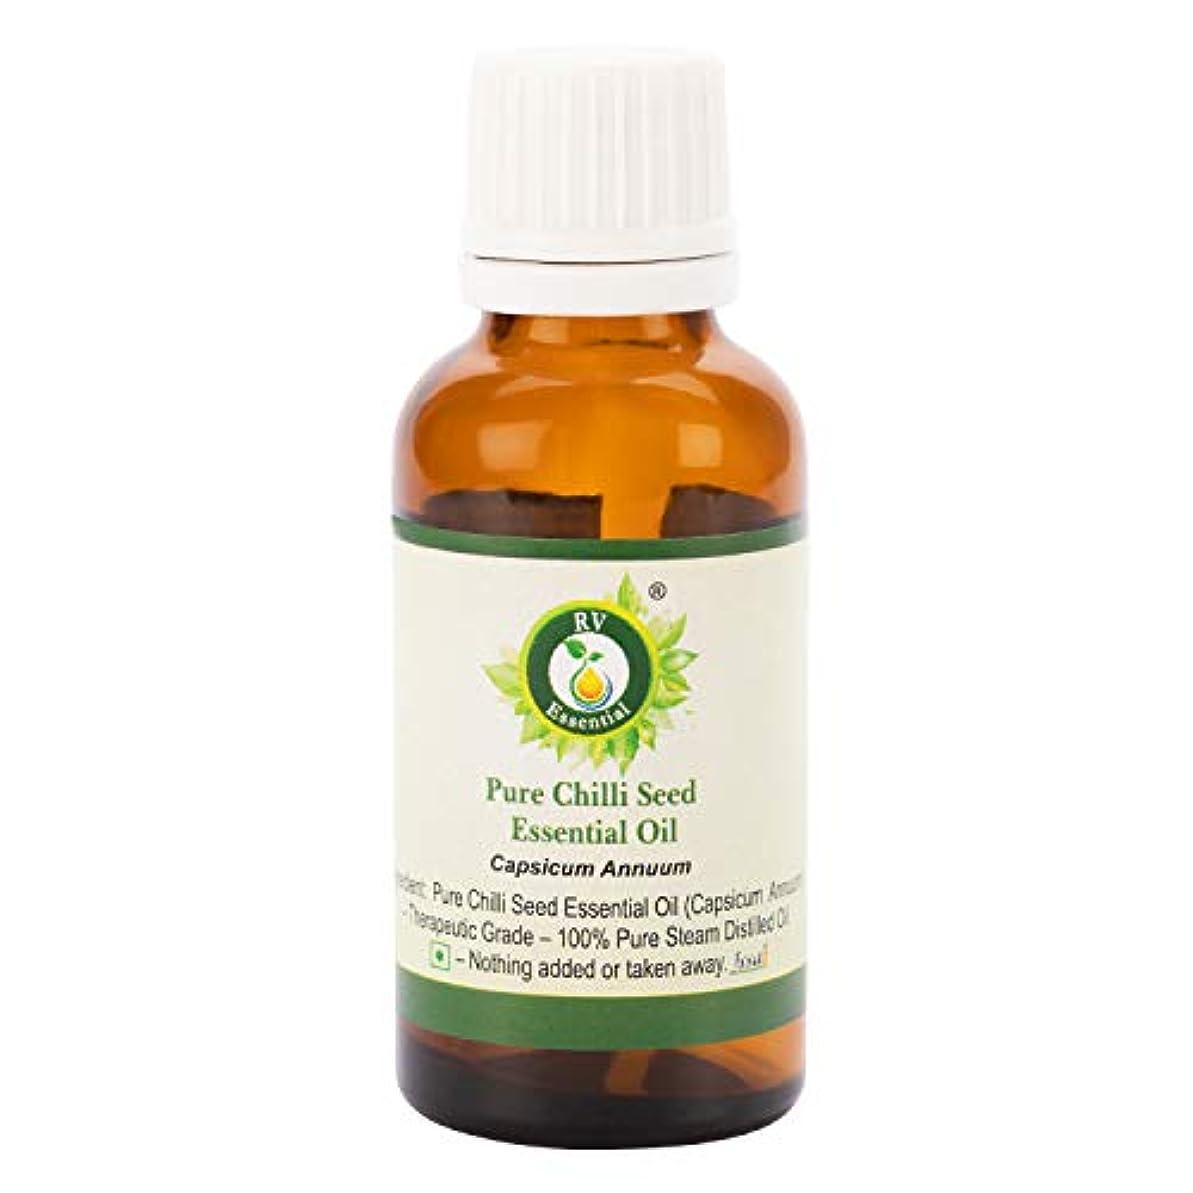 風邪をひくラインナップ消化器ピュアチリシードエッセンシャルオイル5ml (0.169oz)- Capsicum Annuum (100%純粋&天然スチームDistilled) Pure Chilli Seed Essential Oil